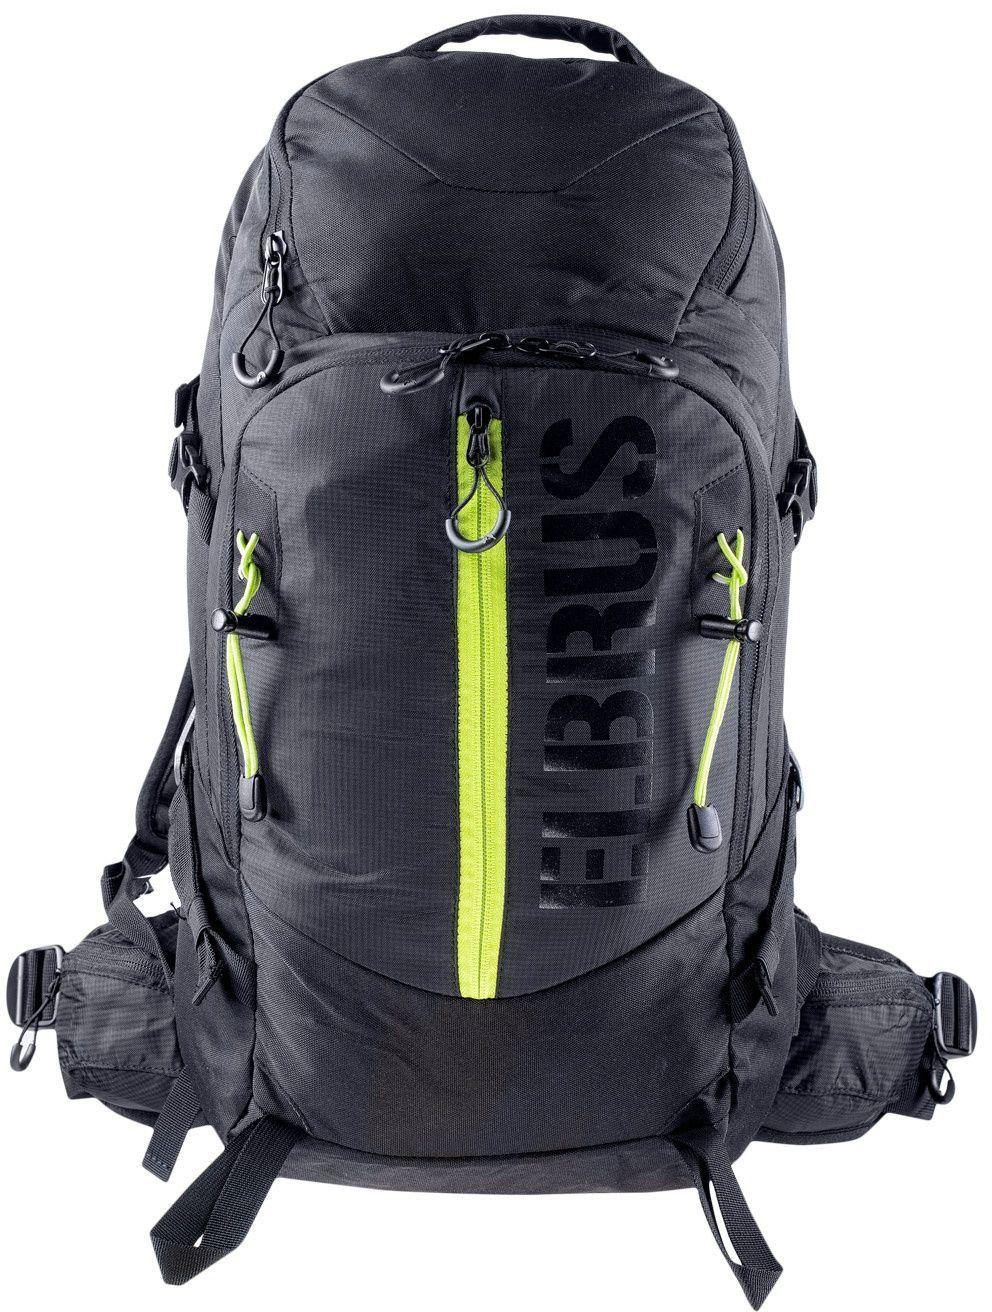 90a347d157eb5 Elbrus Plecak turystyczny Sirac 40 L czarny r. Uniwersalny w Sklep-presto.pl